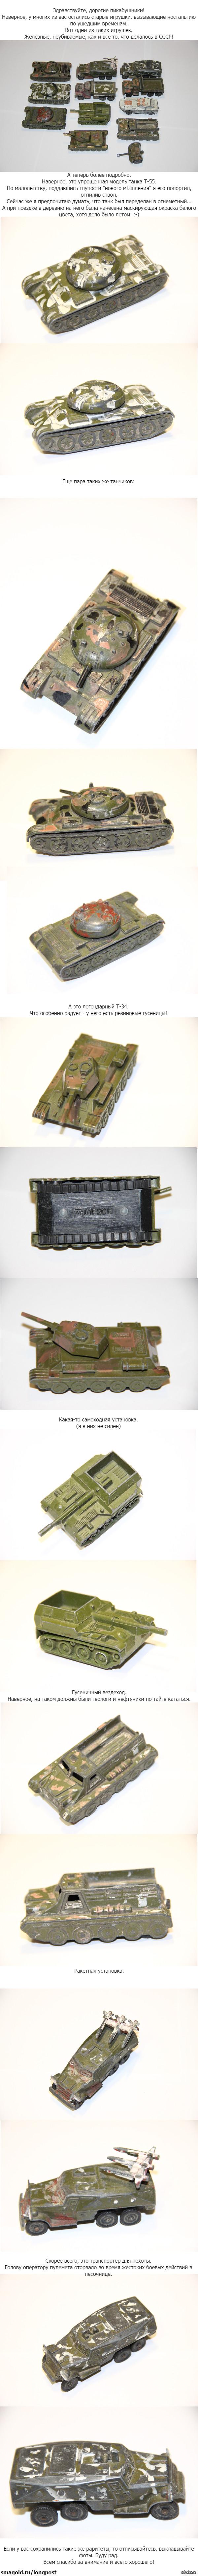 Старые железные советские игрушки. У кого такие-же есть, отписывайтесь. Кстати, такие еще делают?